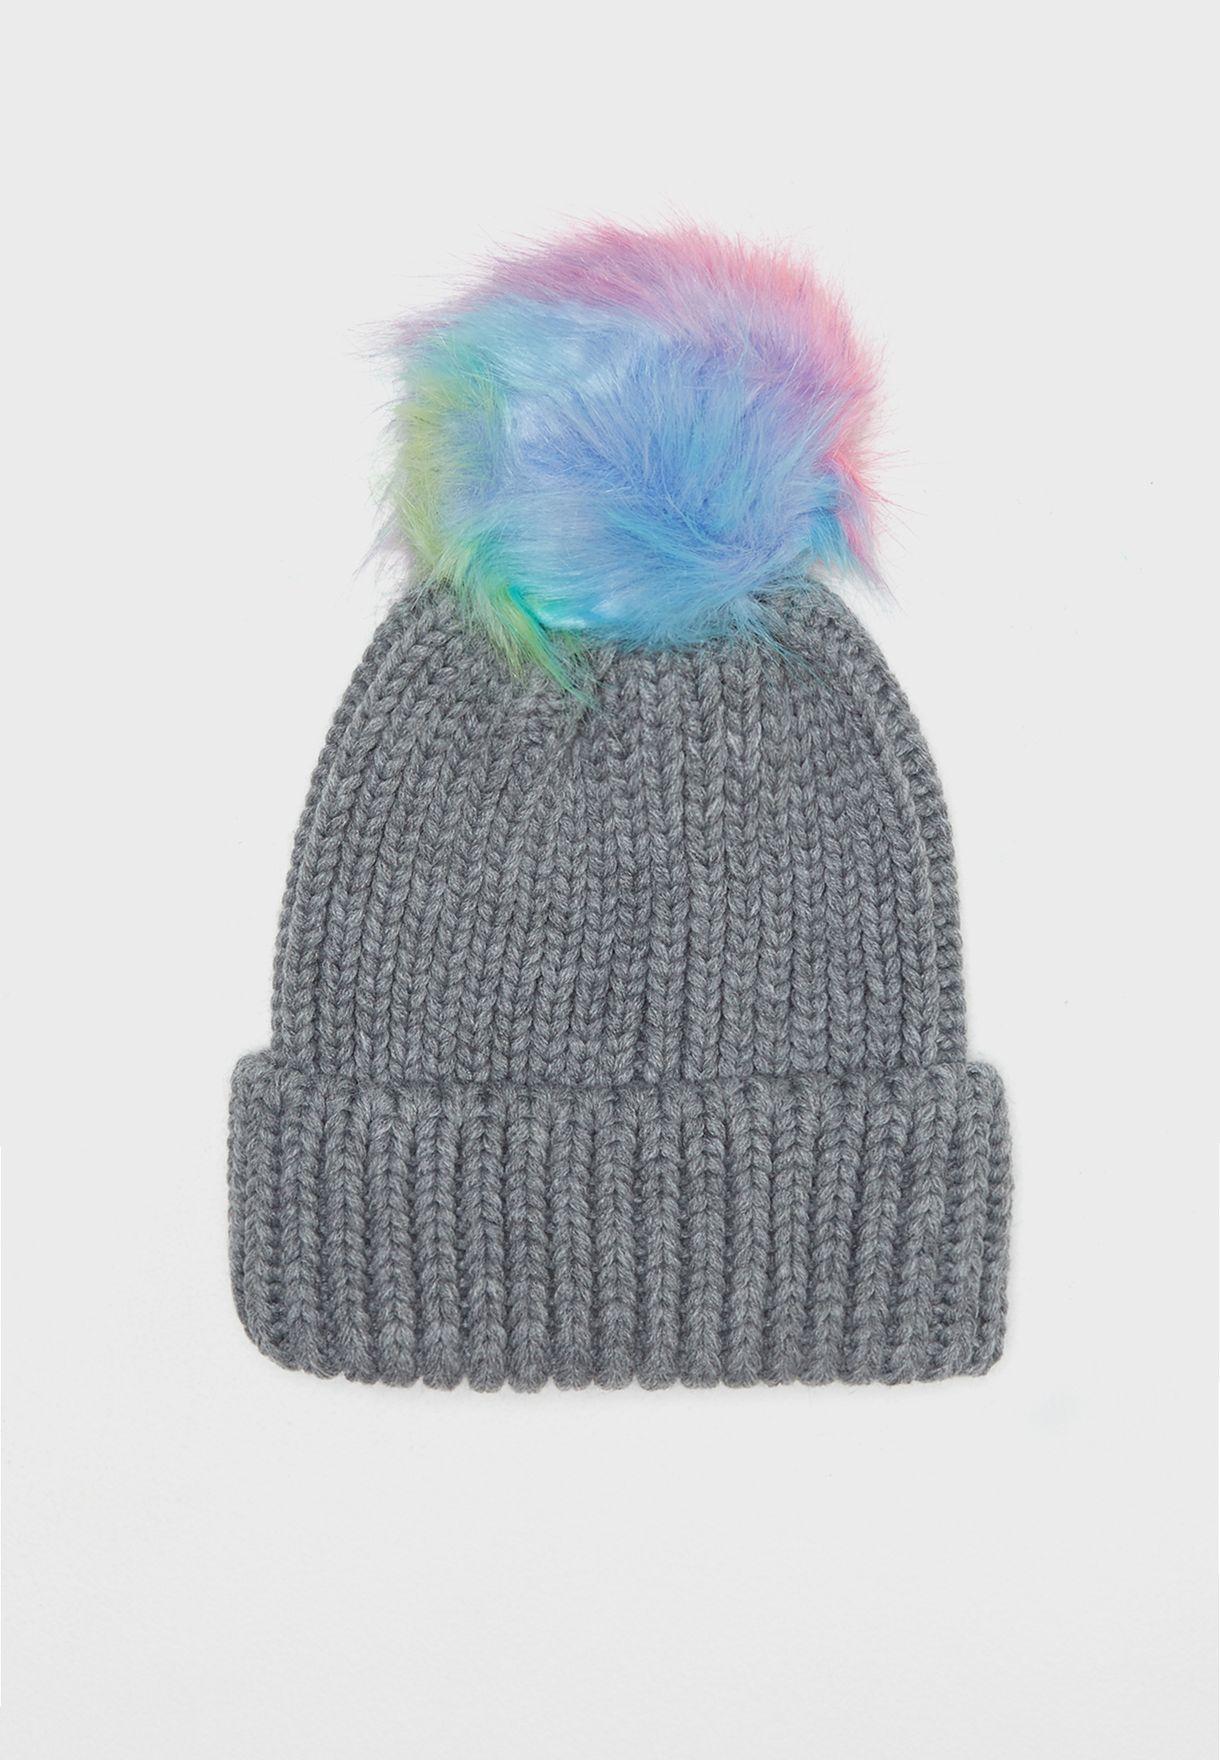 Rainbow Pom Pom Beanie Hat bbe4c31b33d